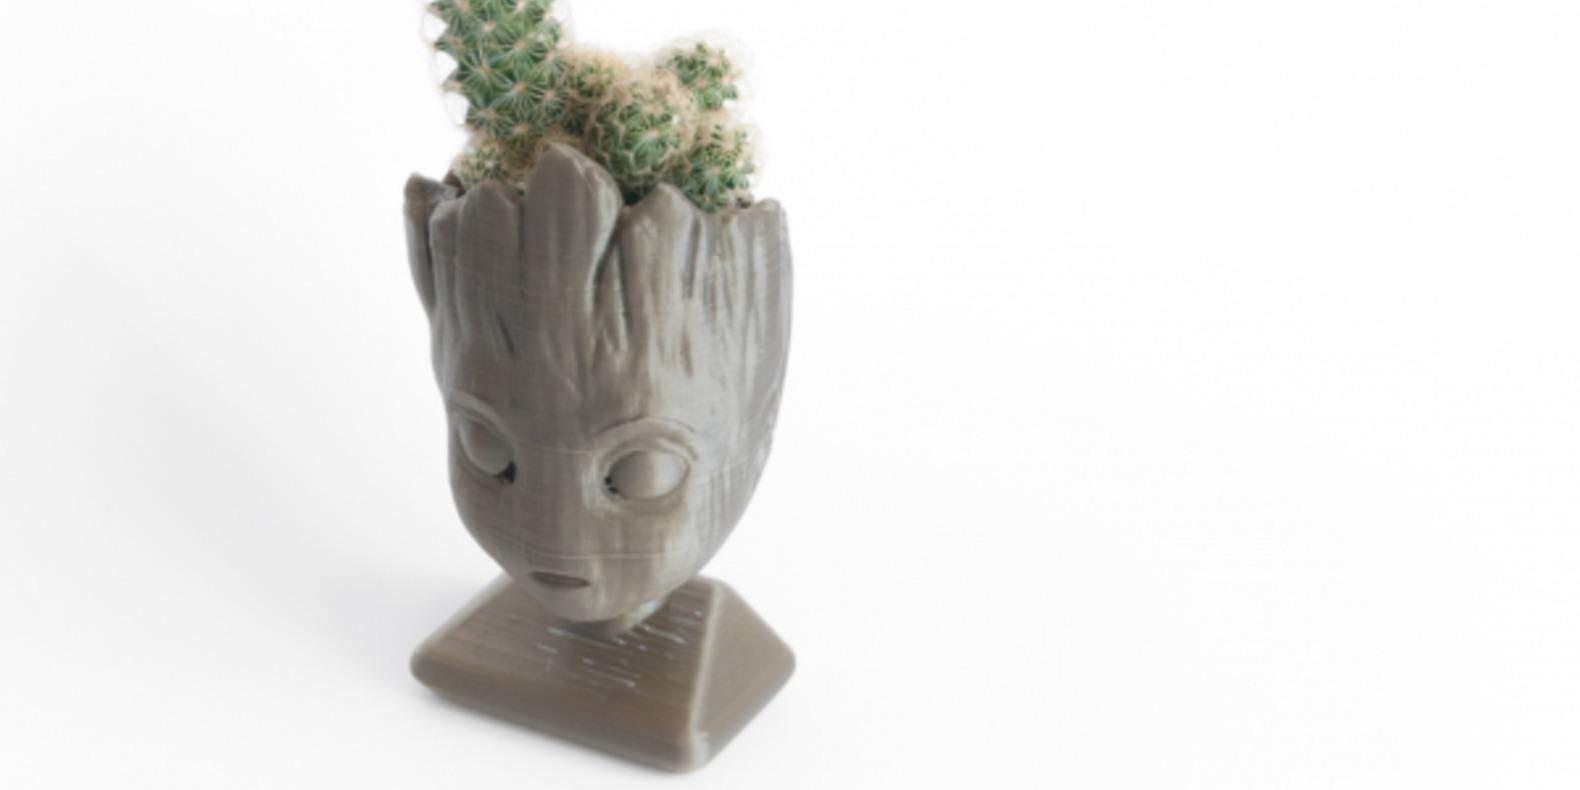 pot-imprimé-en-3D-pots-de-fleurs-cults-pacman-baby-groot-minion-5.png